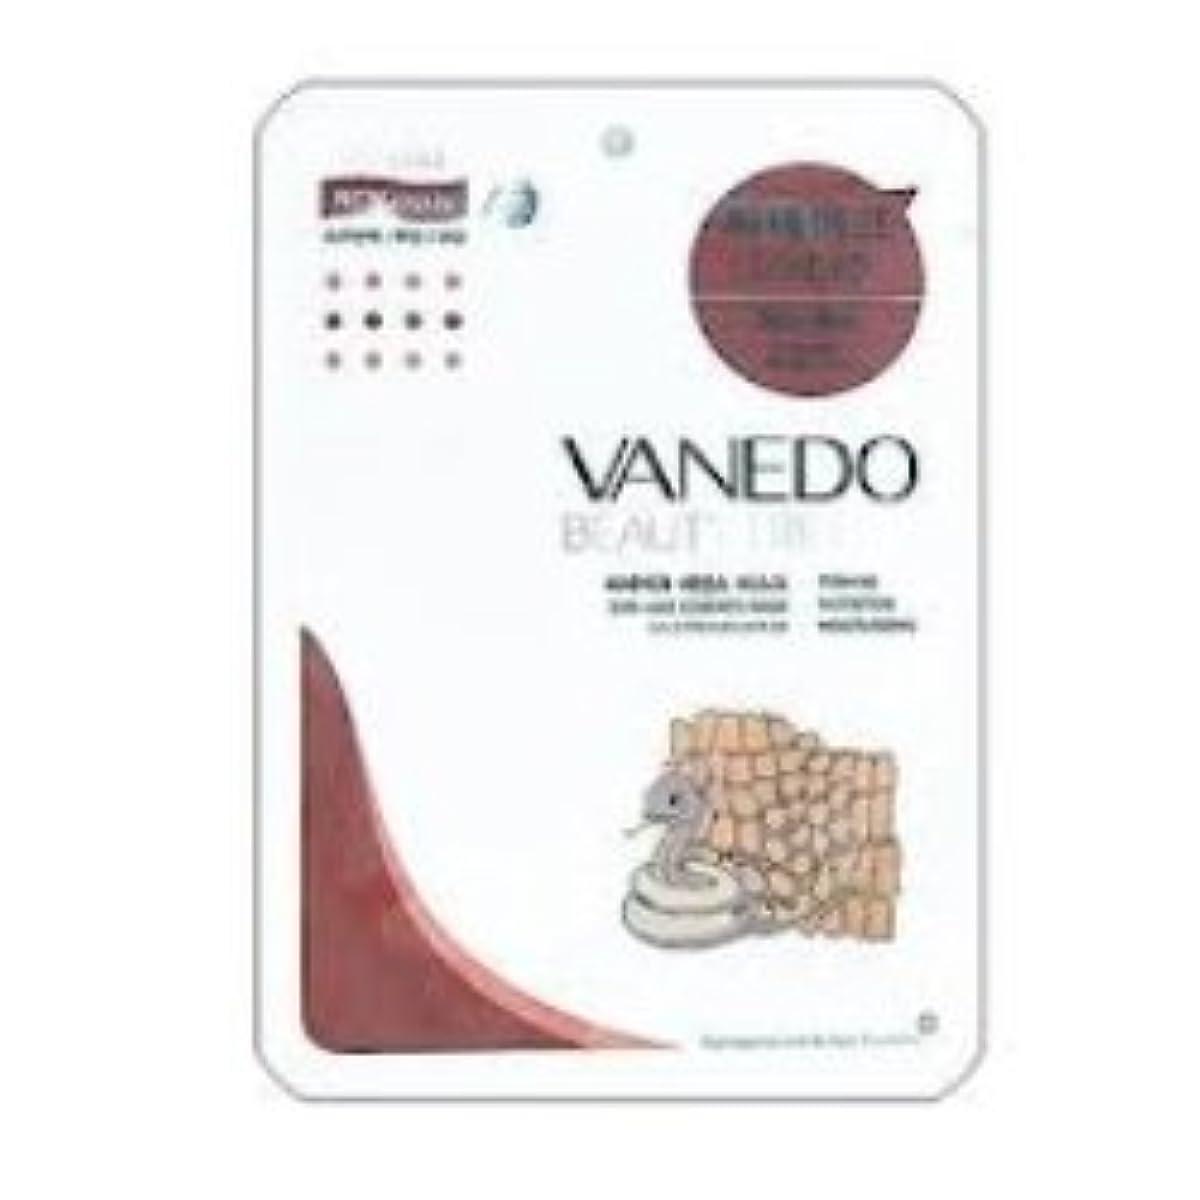 熱心なモード回転させるVANEDO(バネド) エッセンスマスクシートパック  (シンエイク(毒ヘビ)) <1種類x10枚セット>